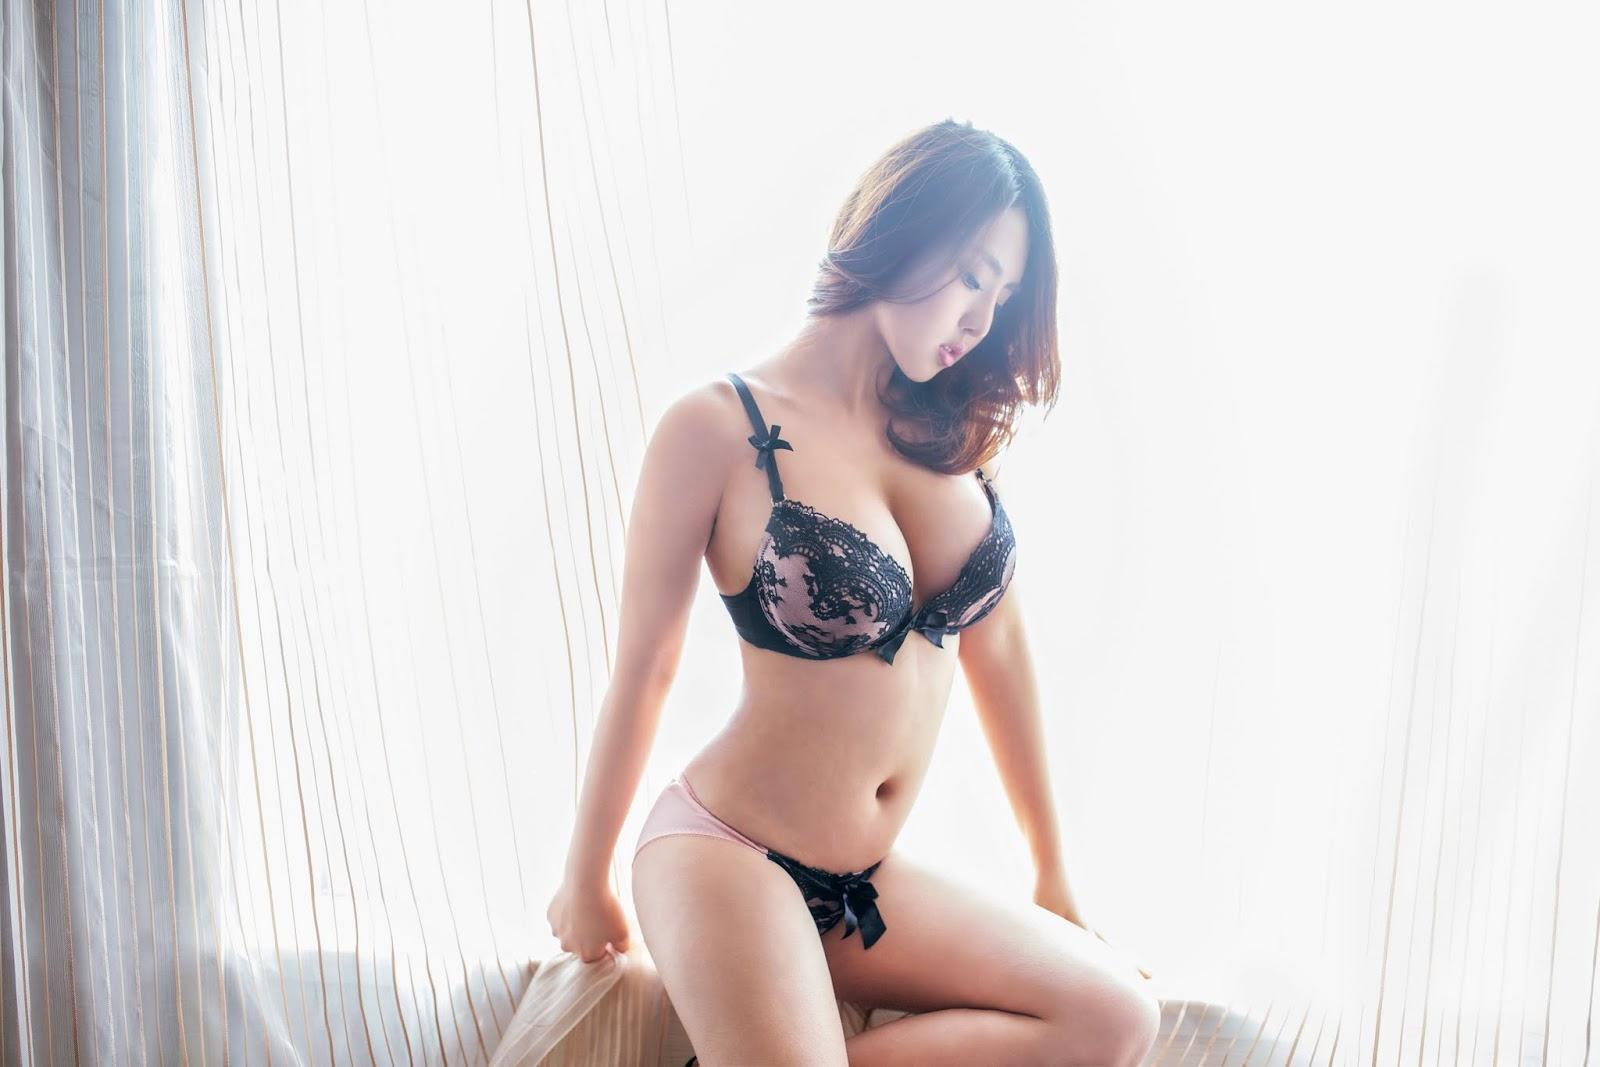 TuiGirl 16 - Sexy Model TUIGIRL NO.17 Nude